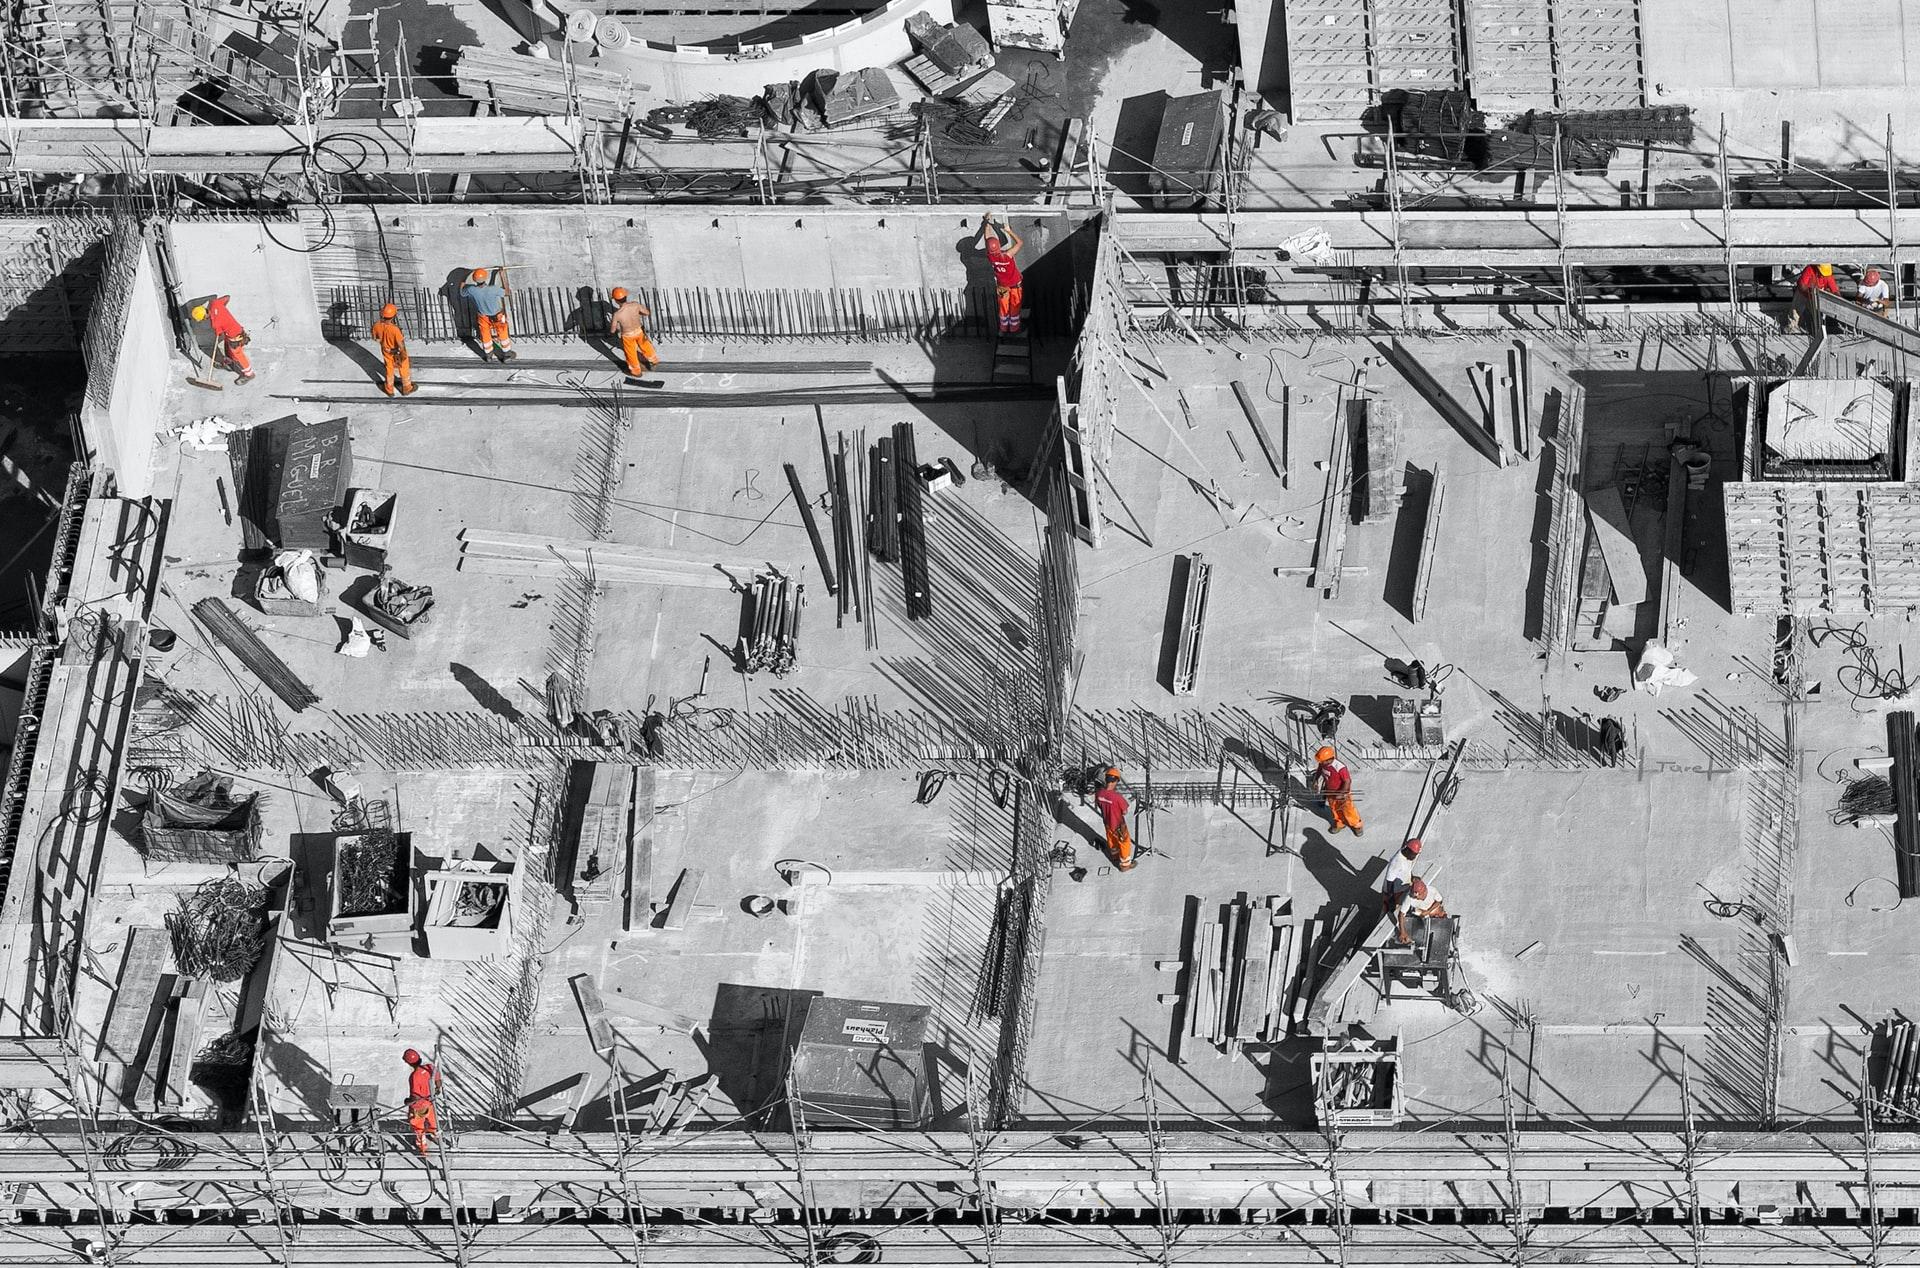 Na co zwrócić uwagę w poszukiwaniu odpowiedniej ekipy budowlanej?